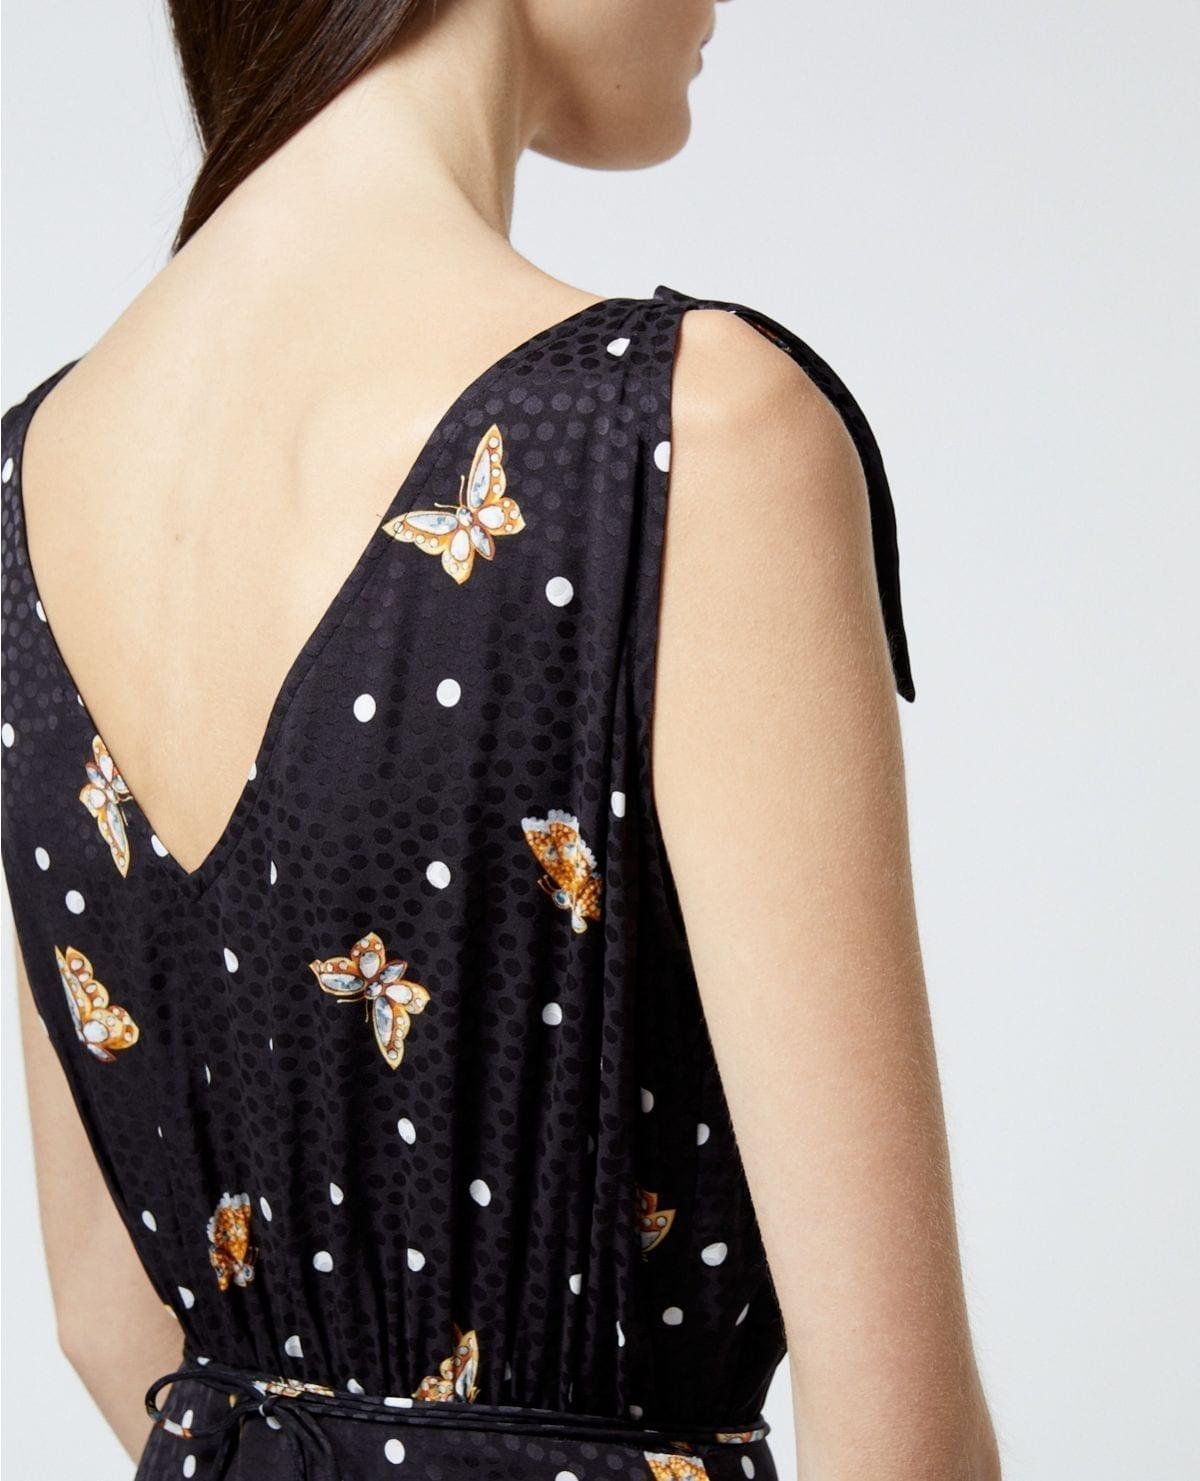 THE KOOPLES Butterfly Motif Black Wrap Dress